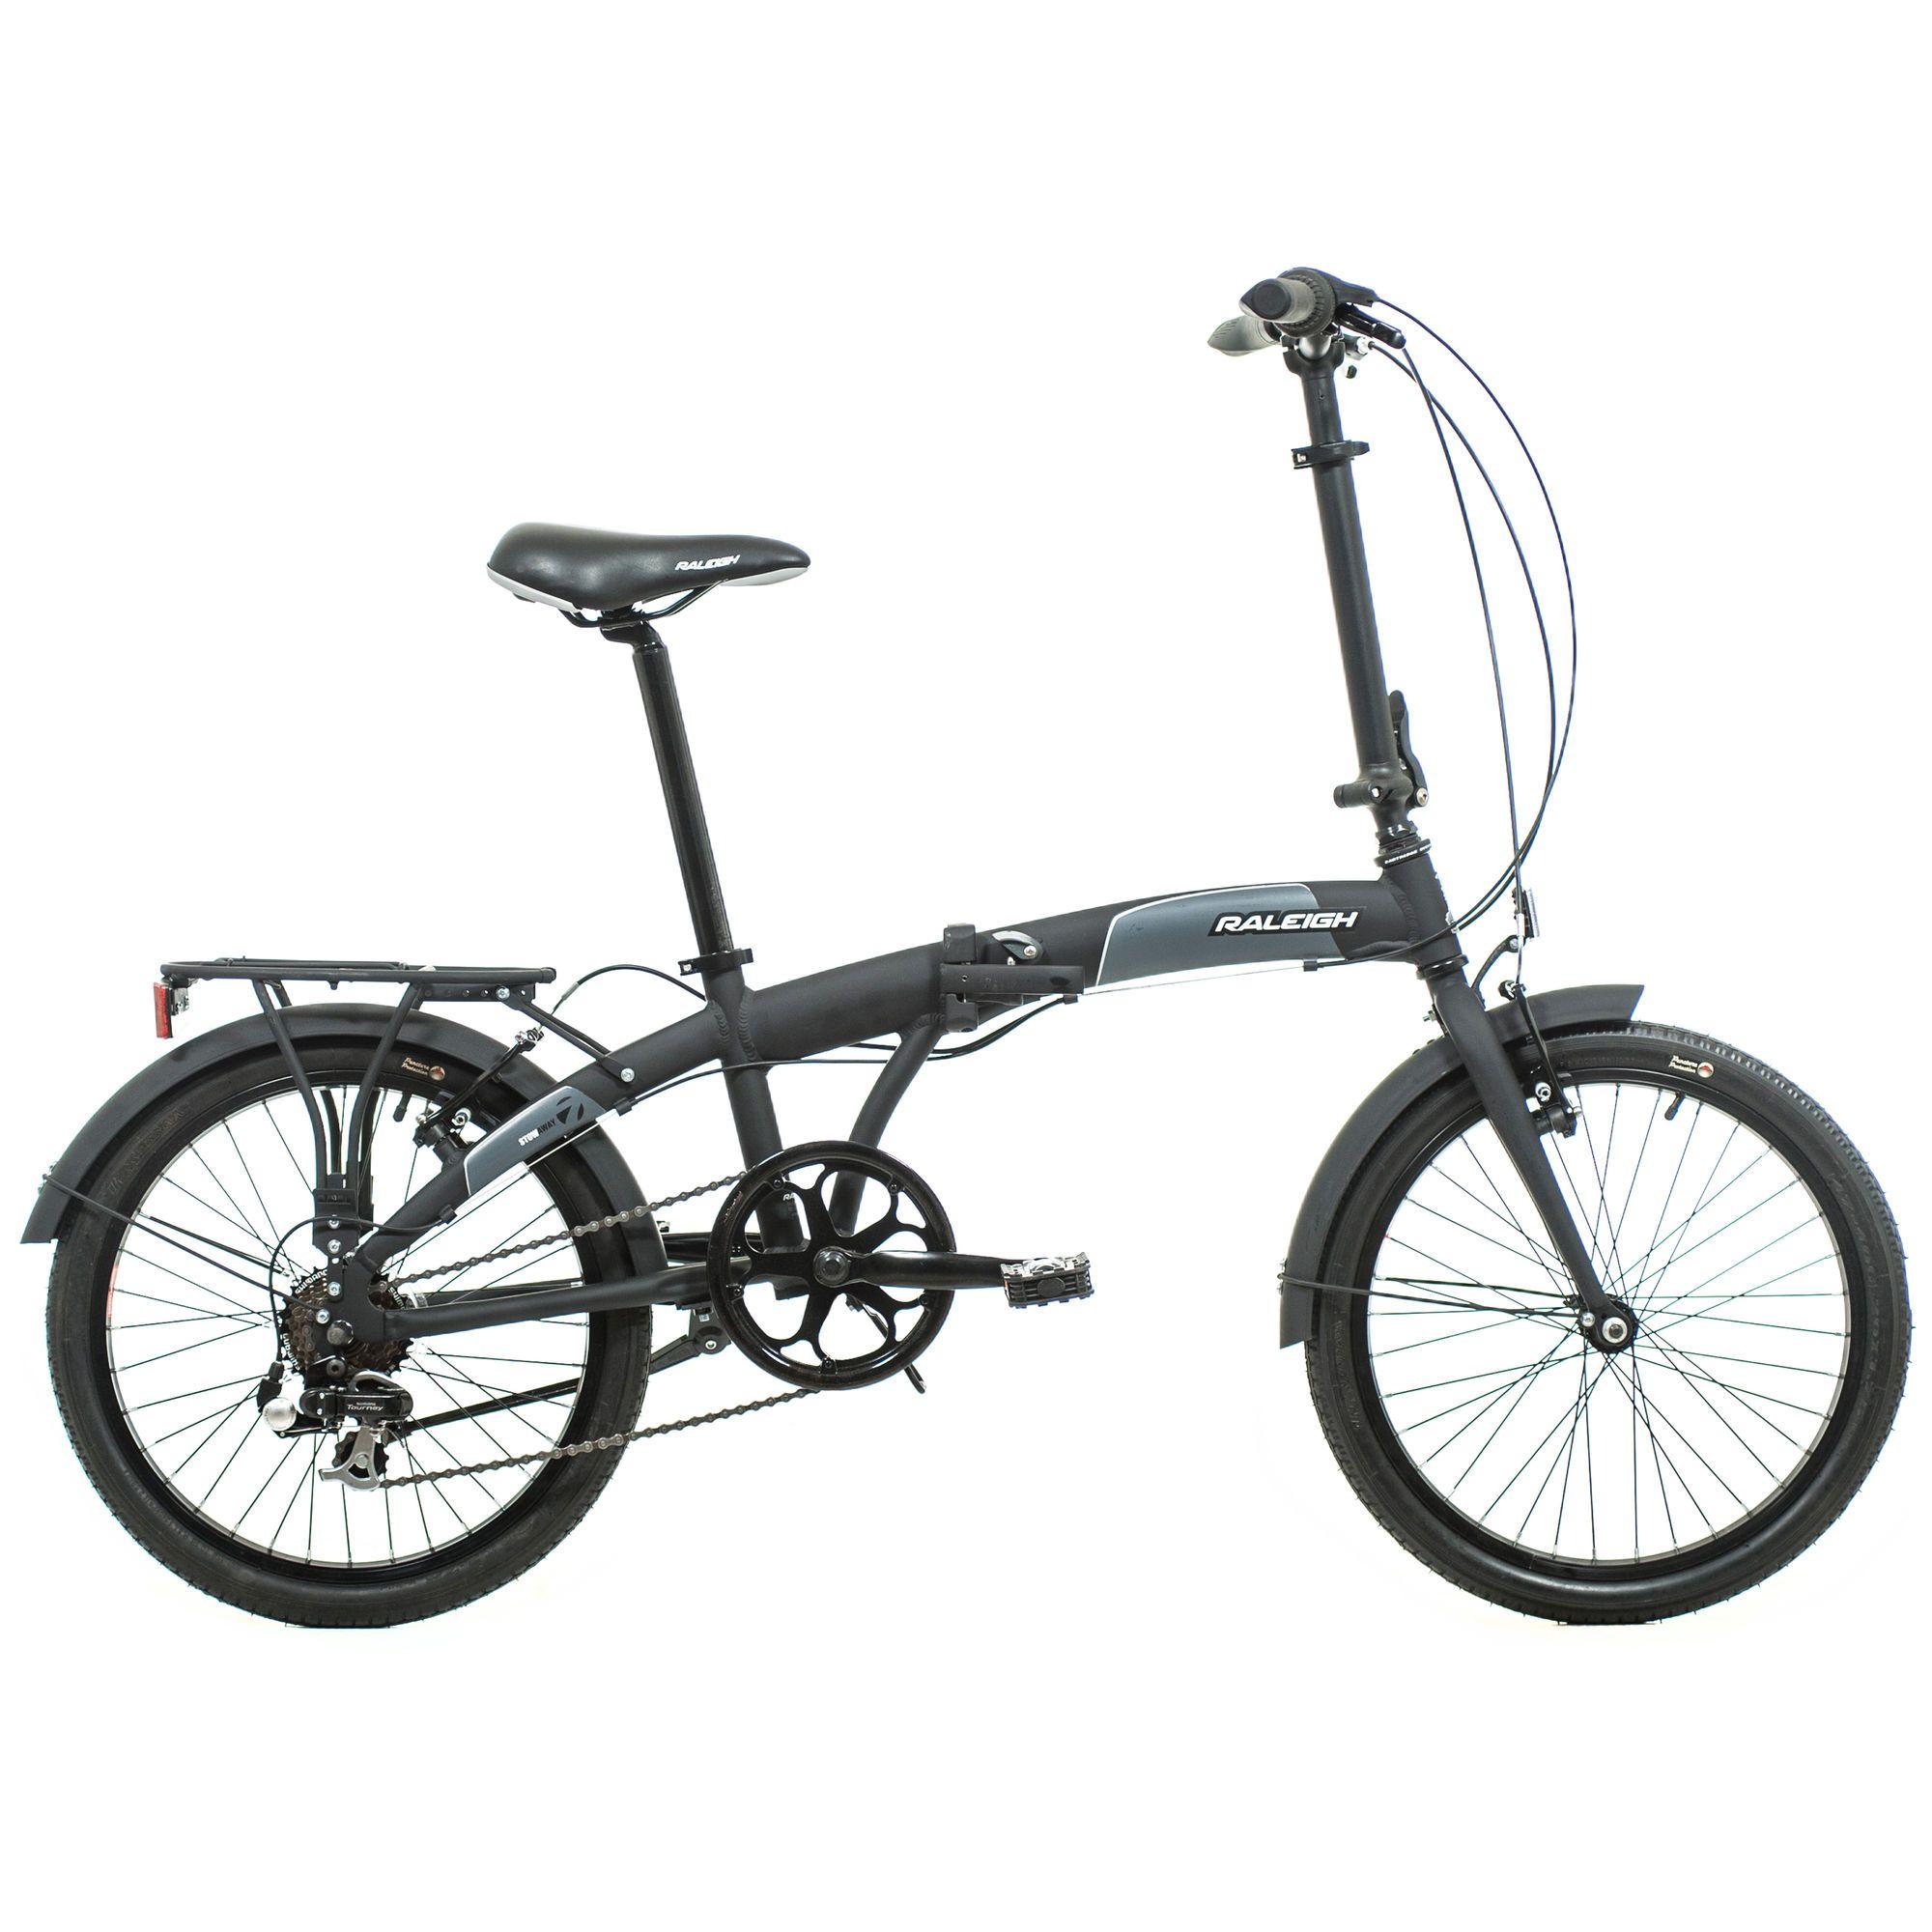 247 50 Wiggle Raleigh Stowaway 7 2014 Folding Bikes Bike